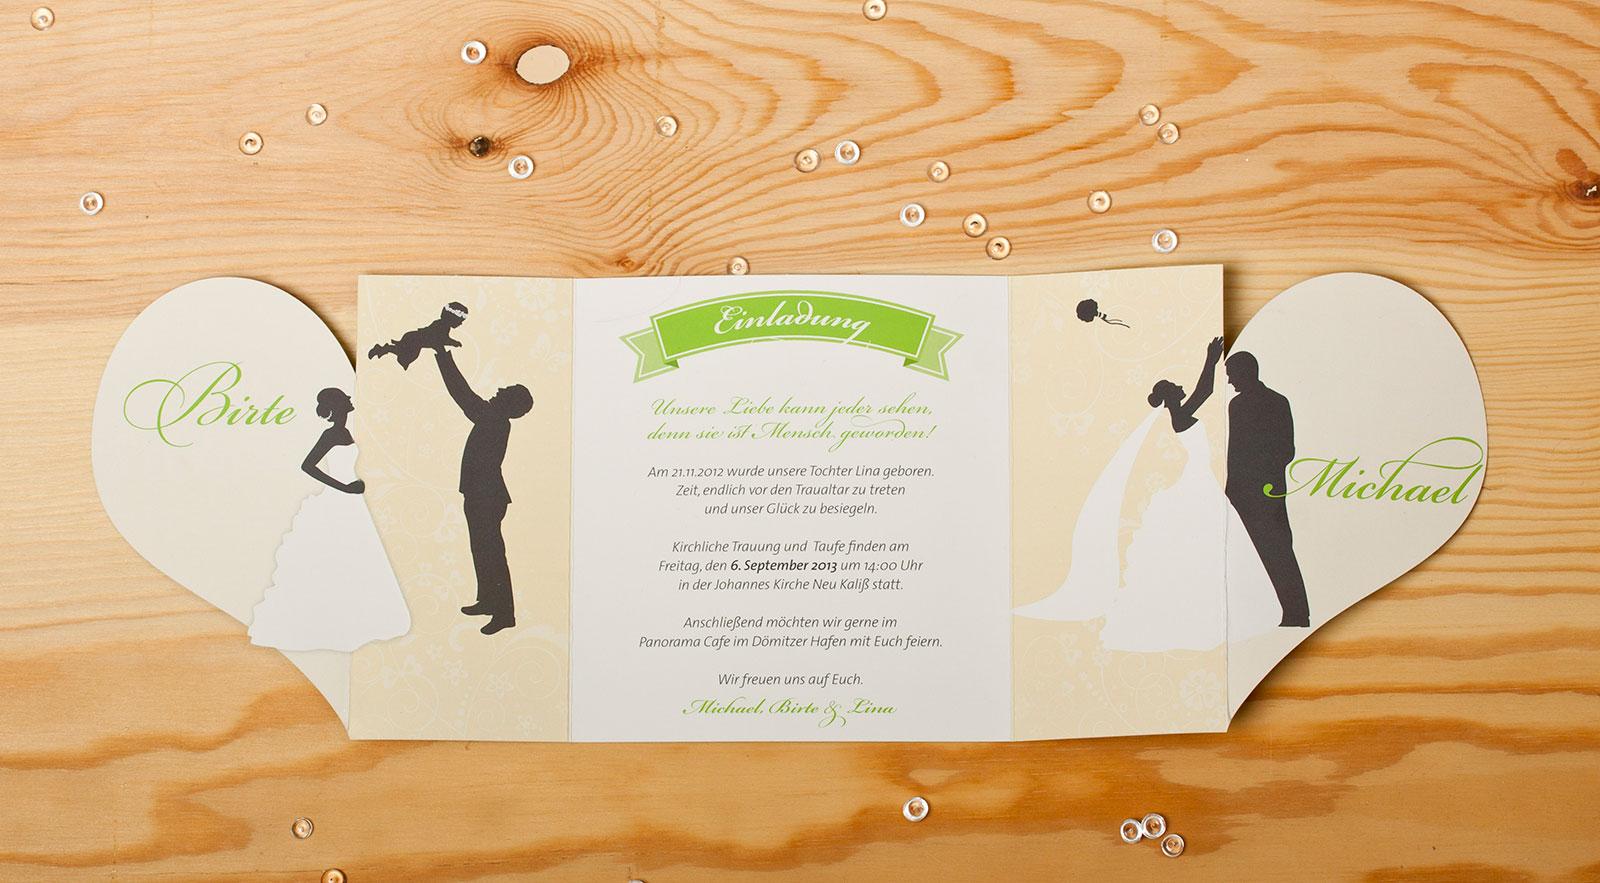 Hochzeit & Taufe vereint